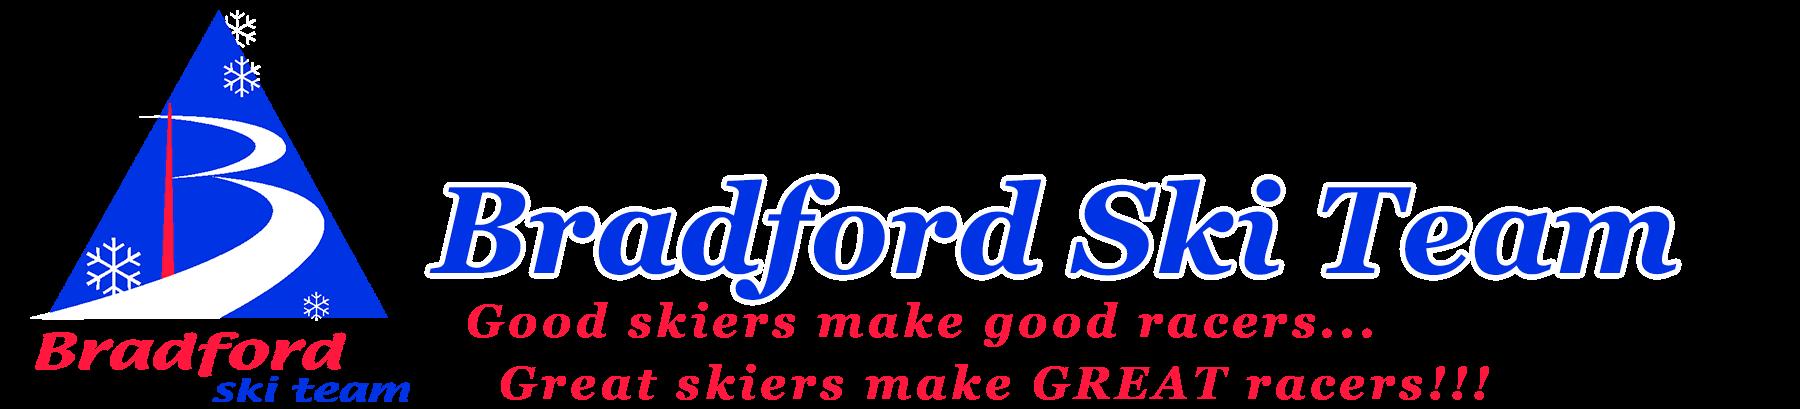 Bradford Ski Team, Ski Racing, Goal, Ski Bradford